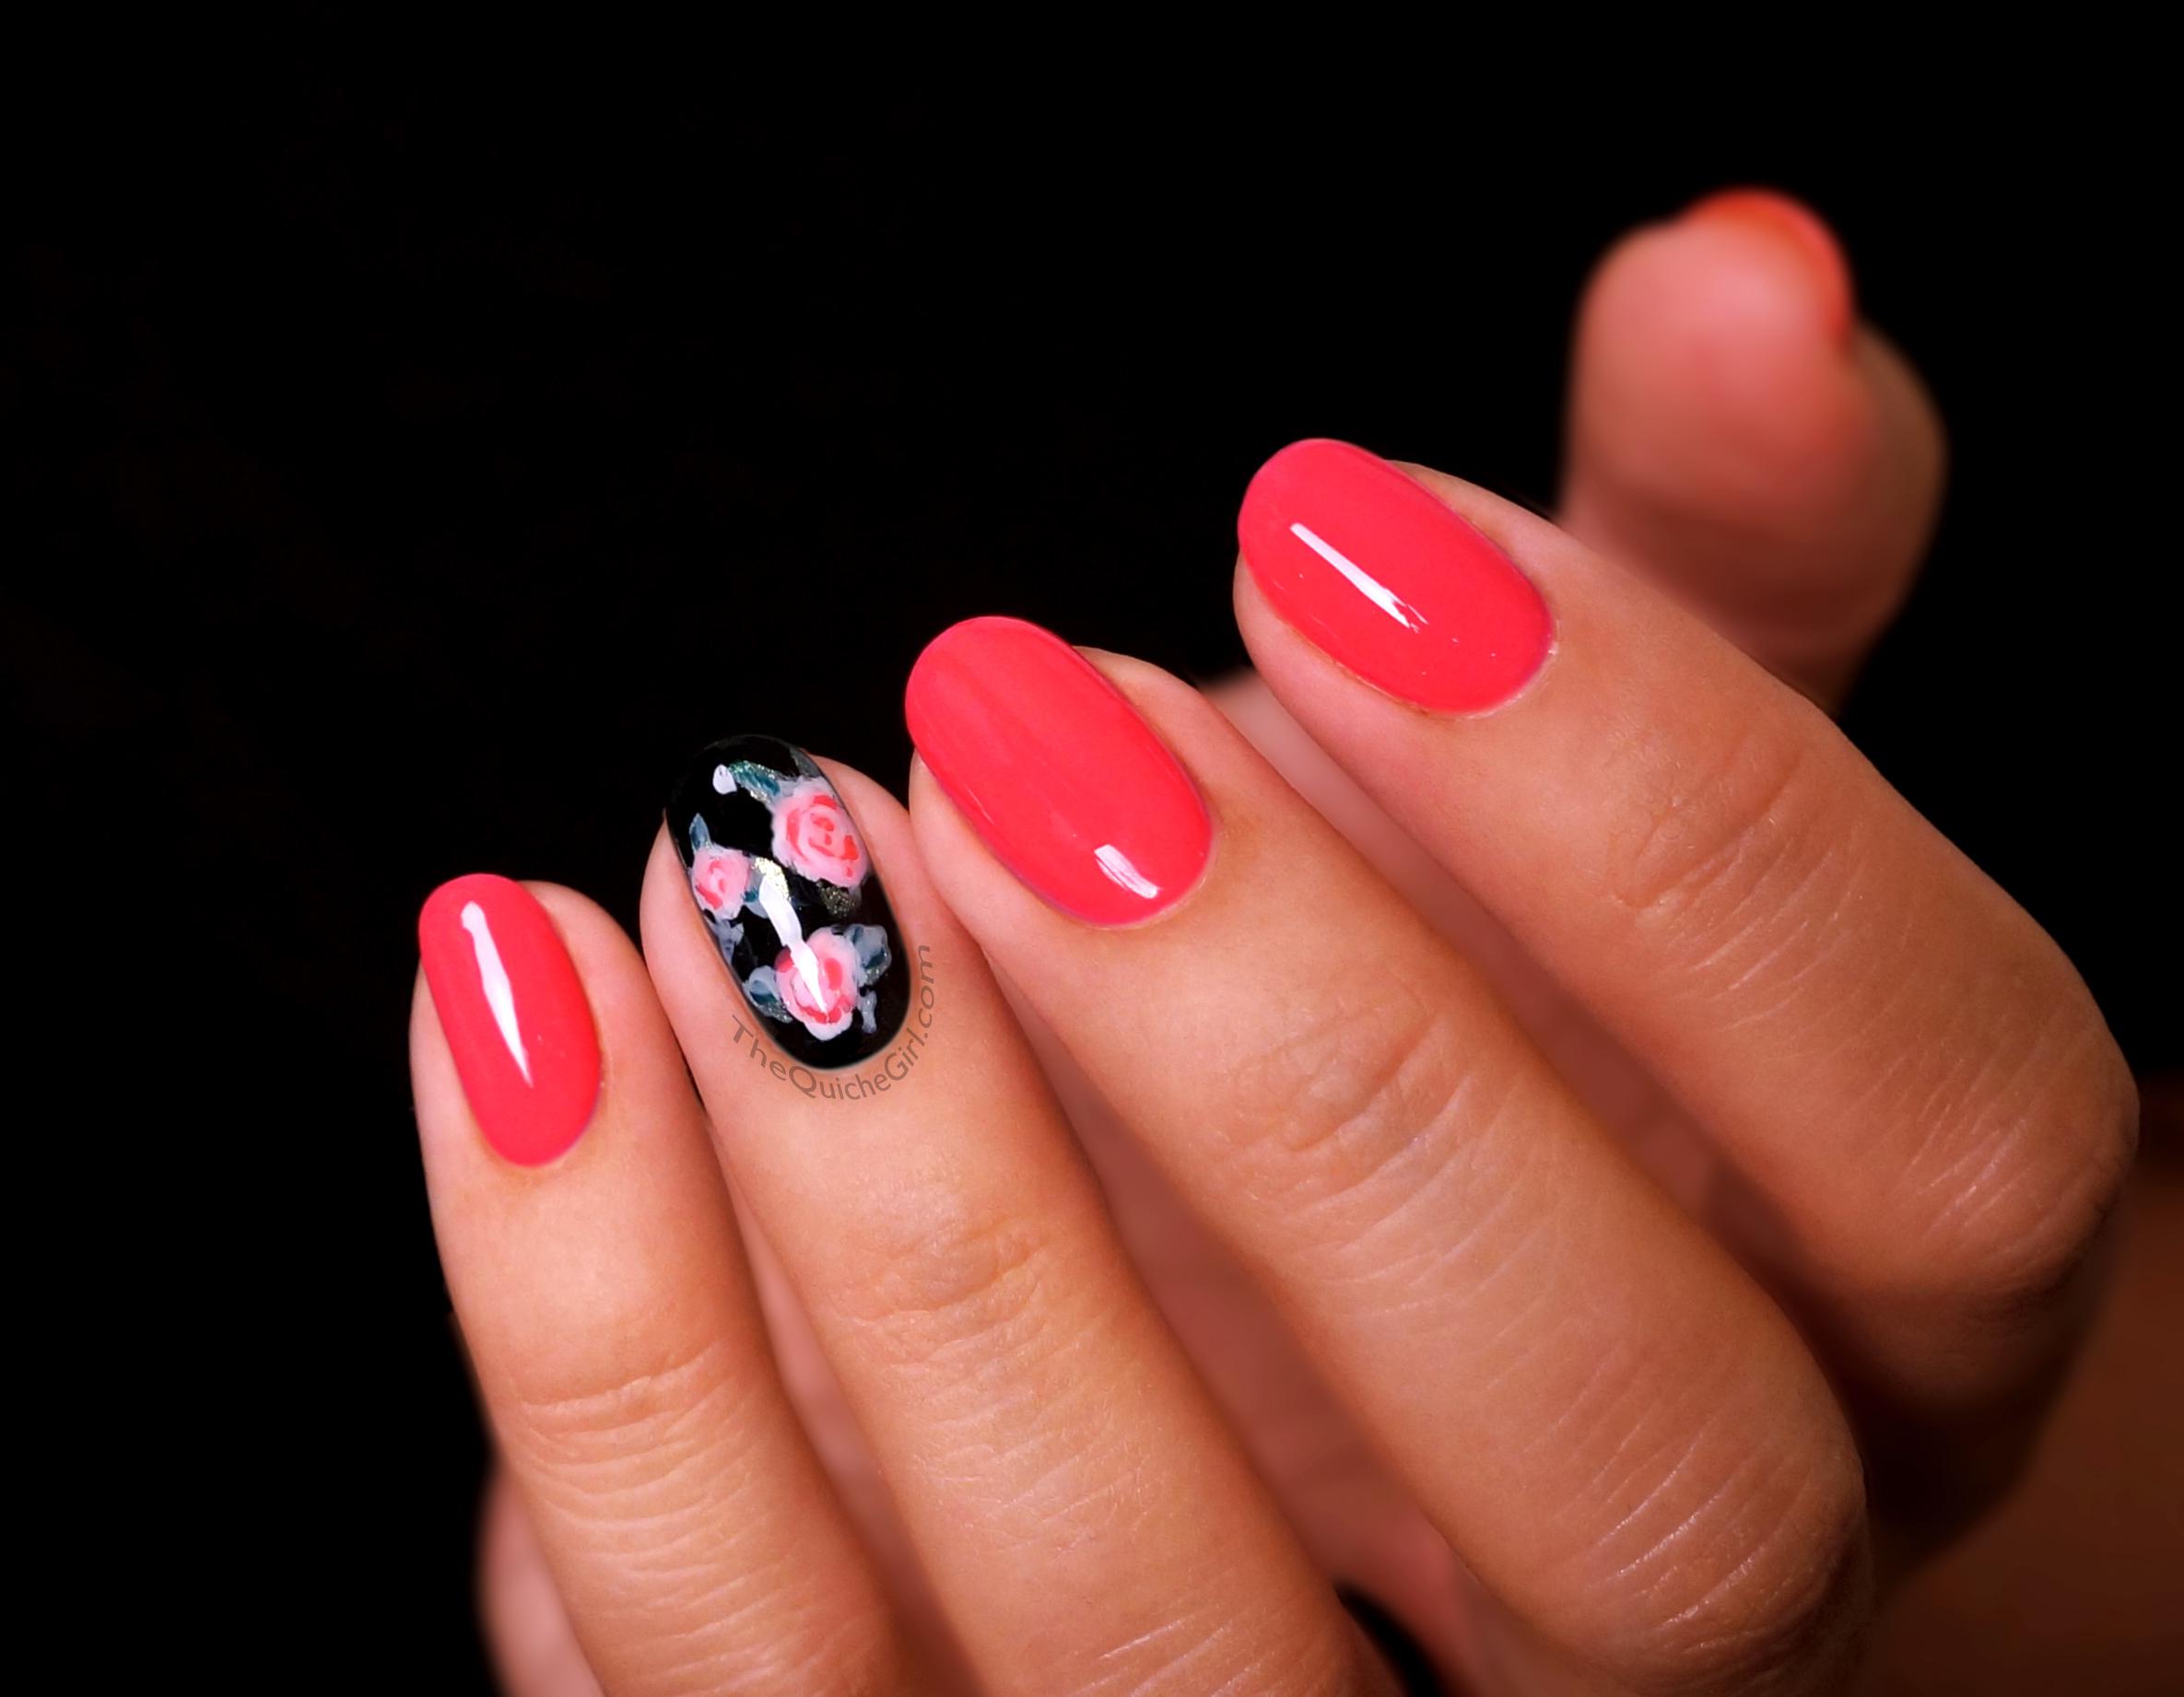 Laka rose s la blogo fait pshiiit quichegirl - Forme des ongles ...